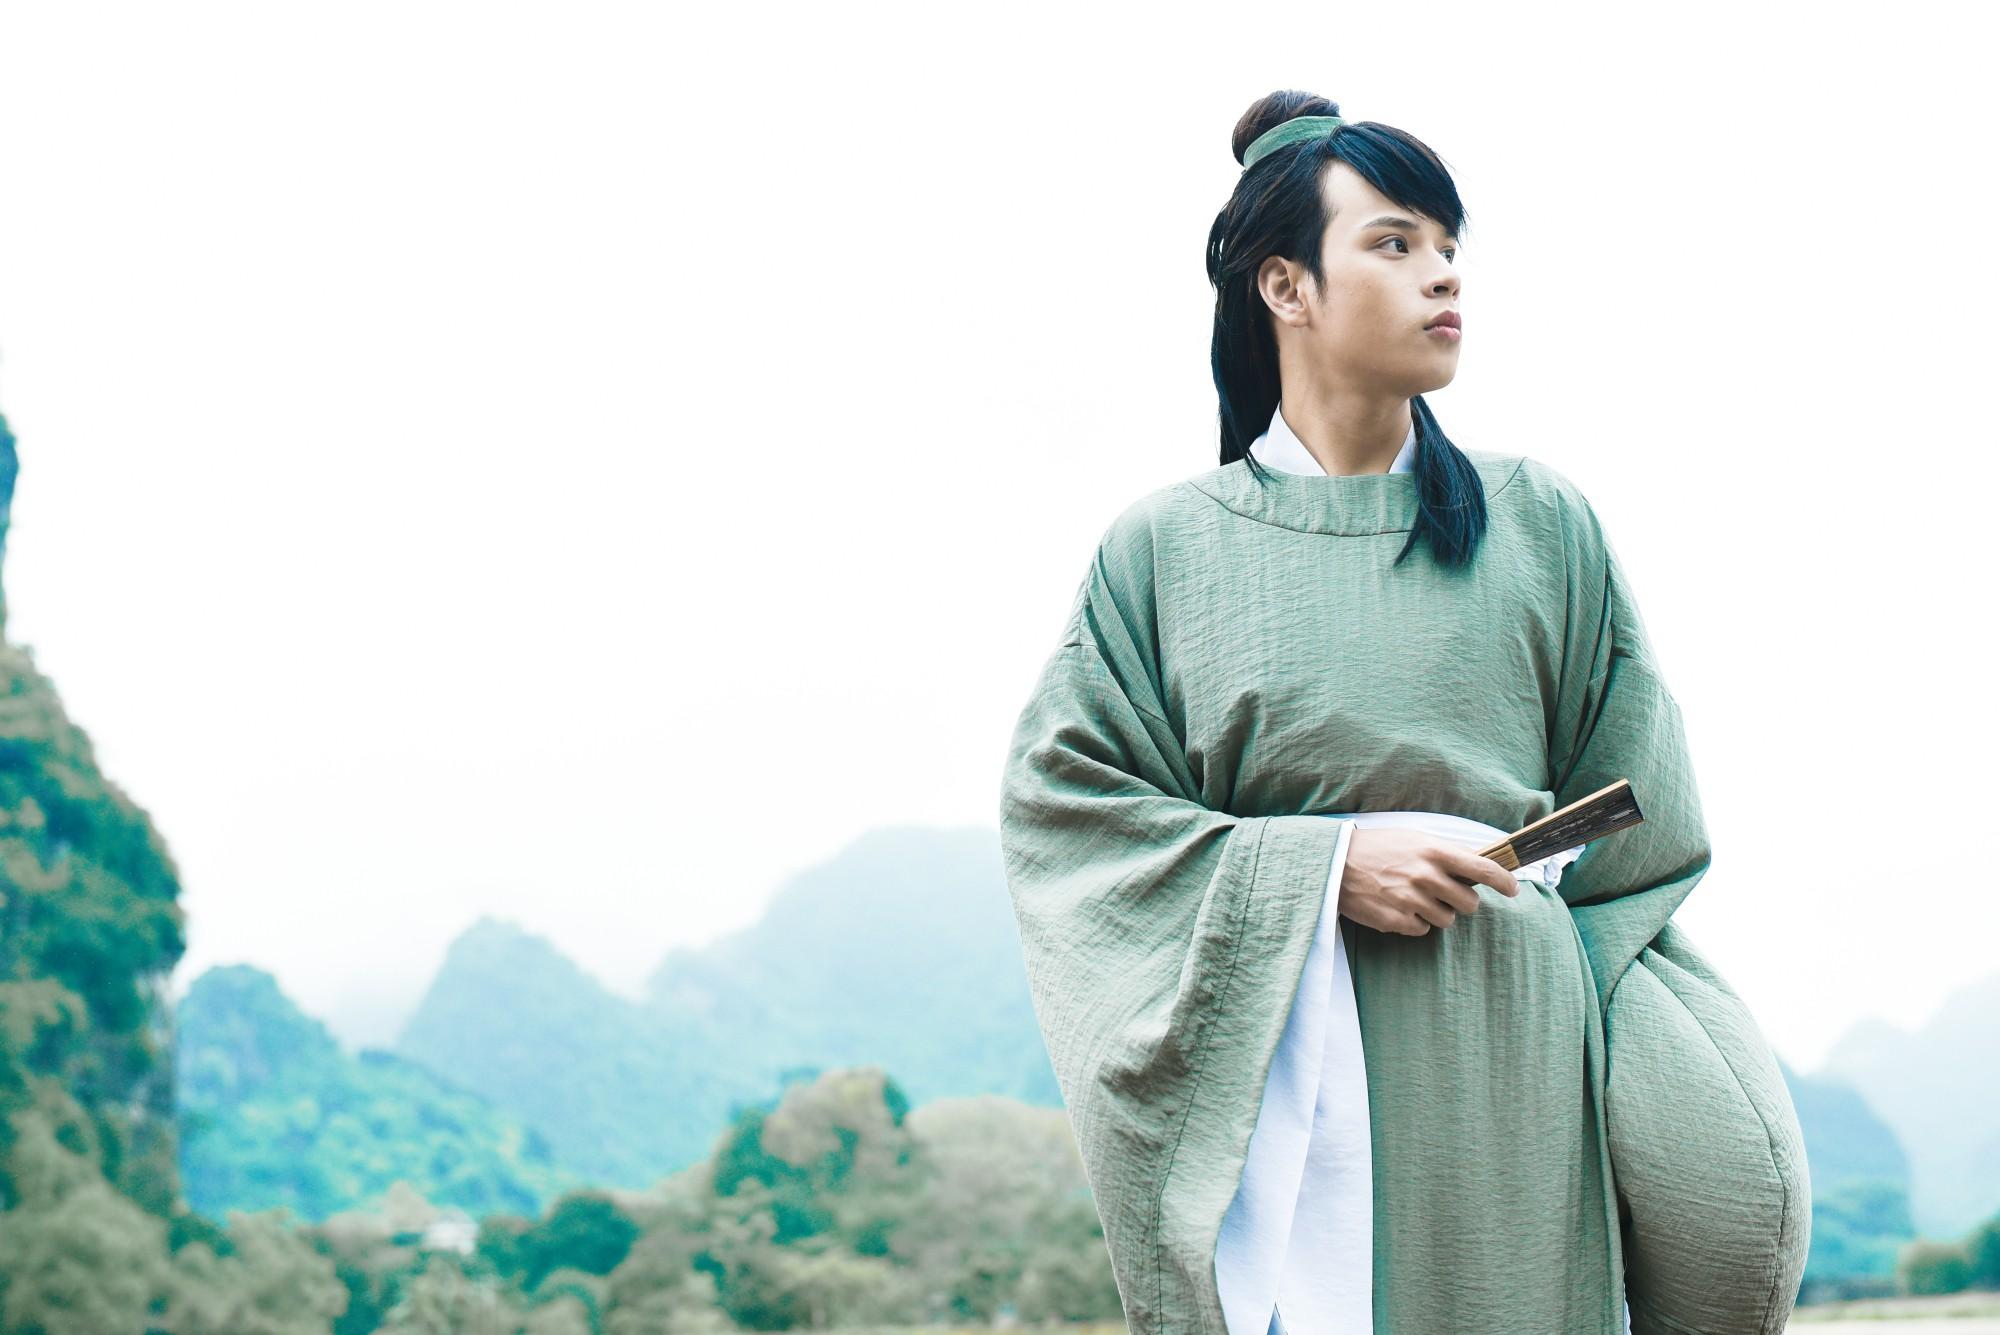 Jaykii tiếp tục hát nhạc của Dương Khắc Linh, làm MV cổ trang lấy cảm hứng từ Truyện Kiều - Ảnh 2.